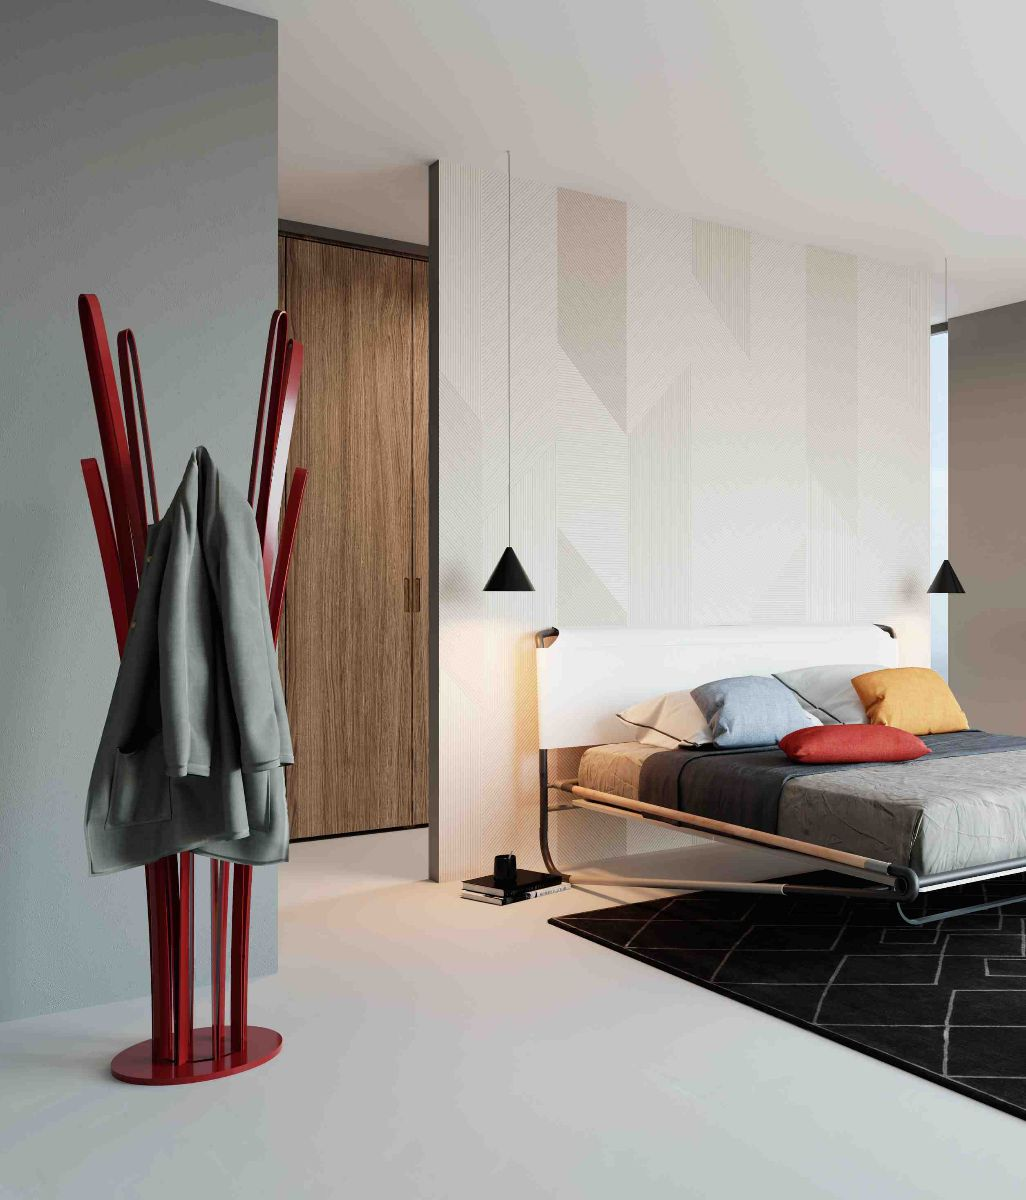 Appunto coat stand version barel furnishing accessories made in italy - Cose di casa mondovi ...